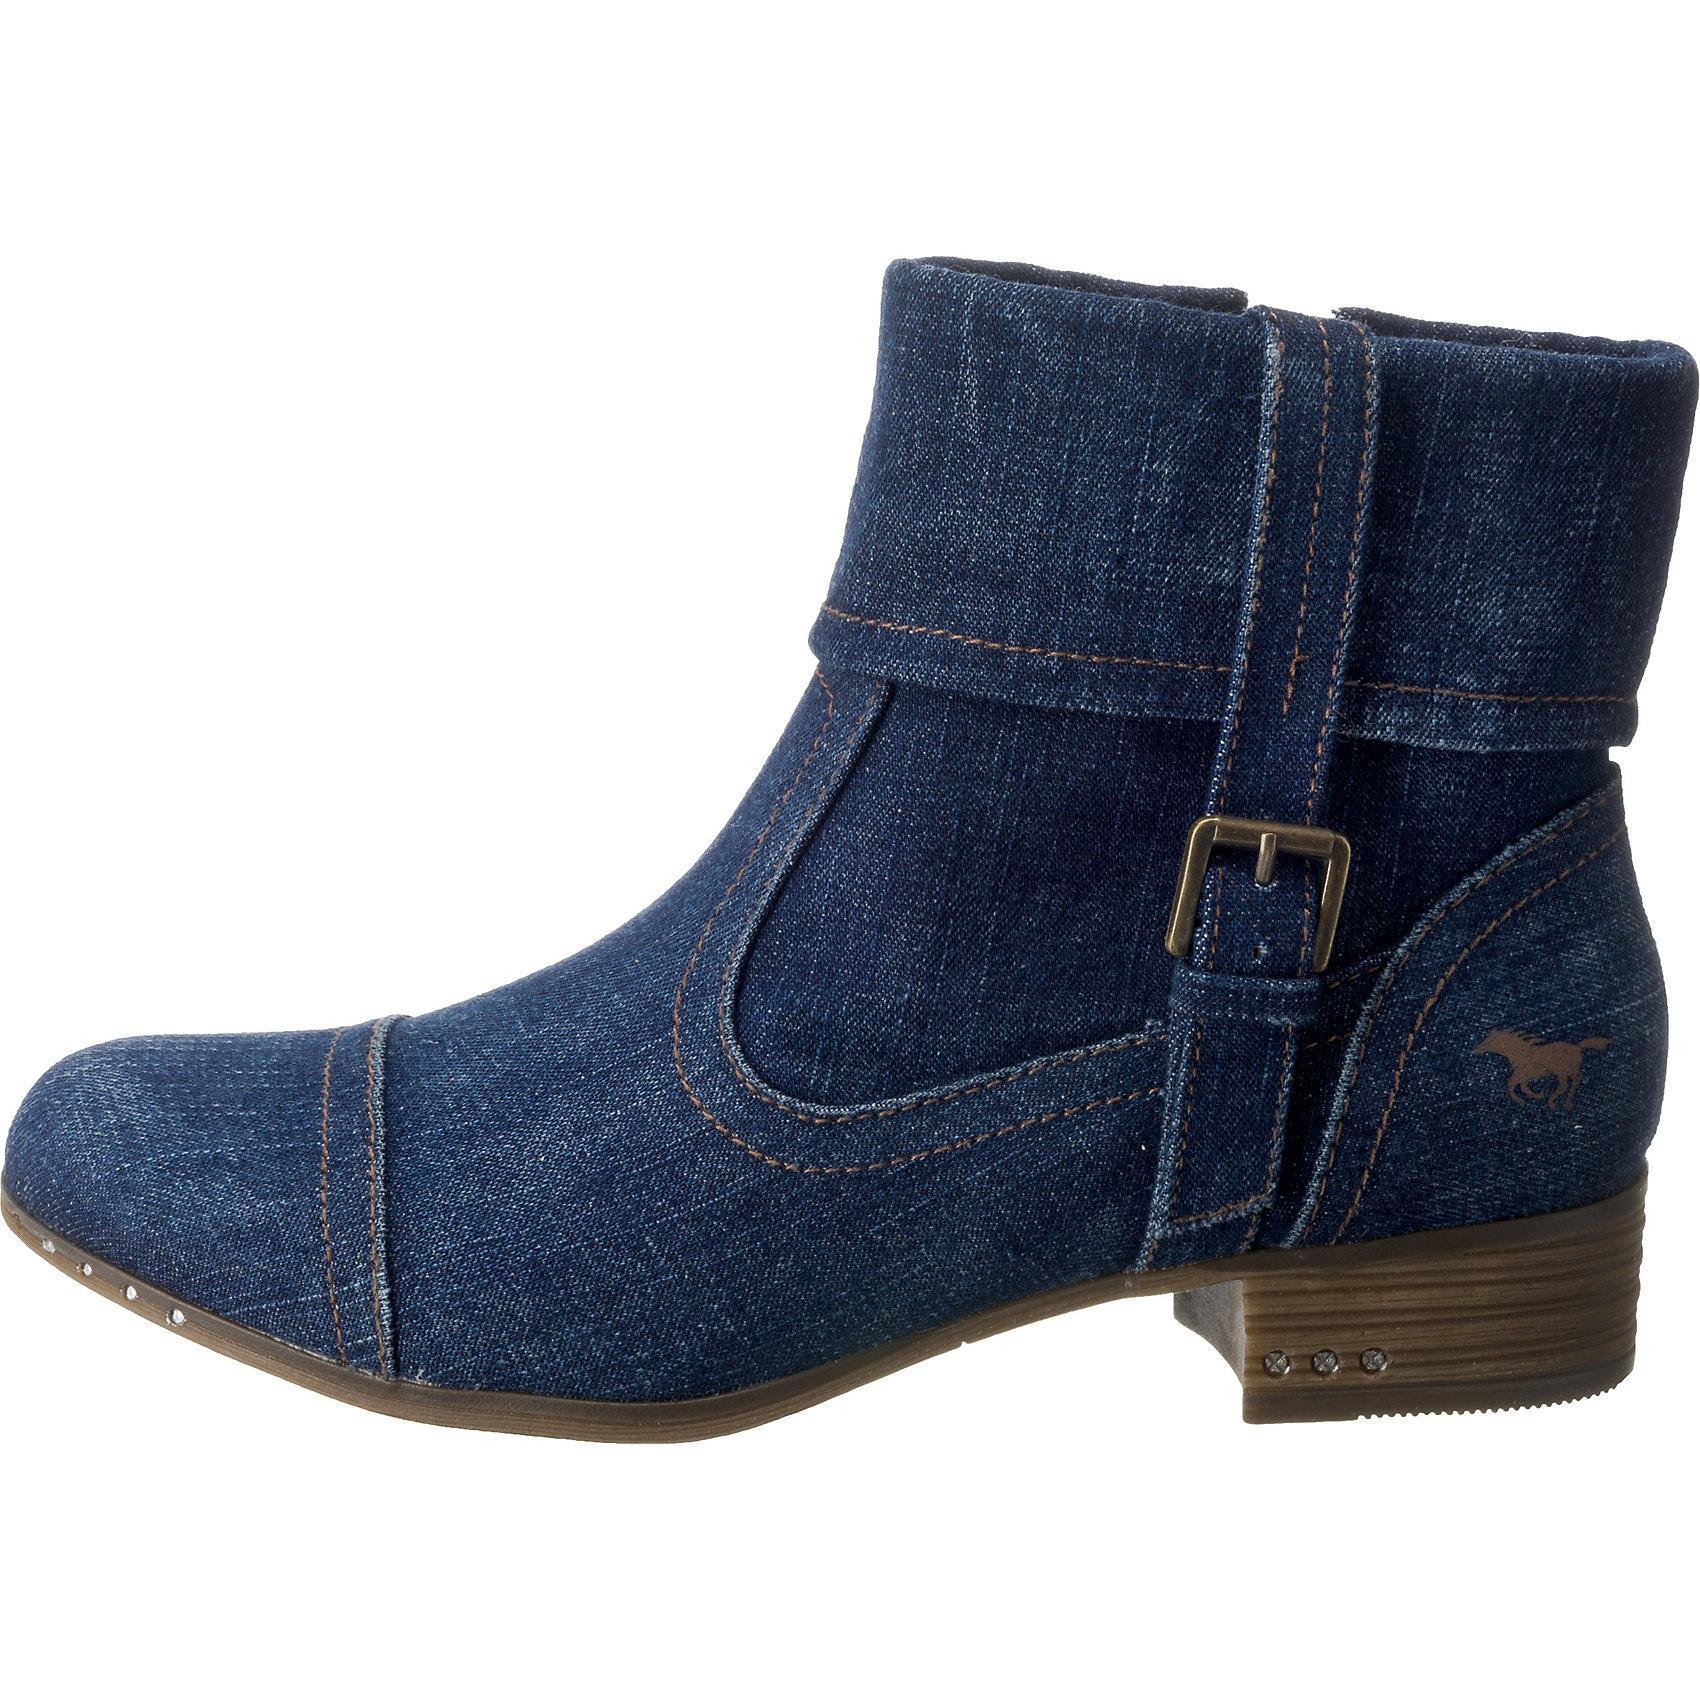 Neu MUSTBNG Klassische Stiefeletten 7911701 für Damen dunkelblau